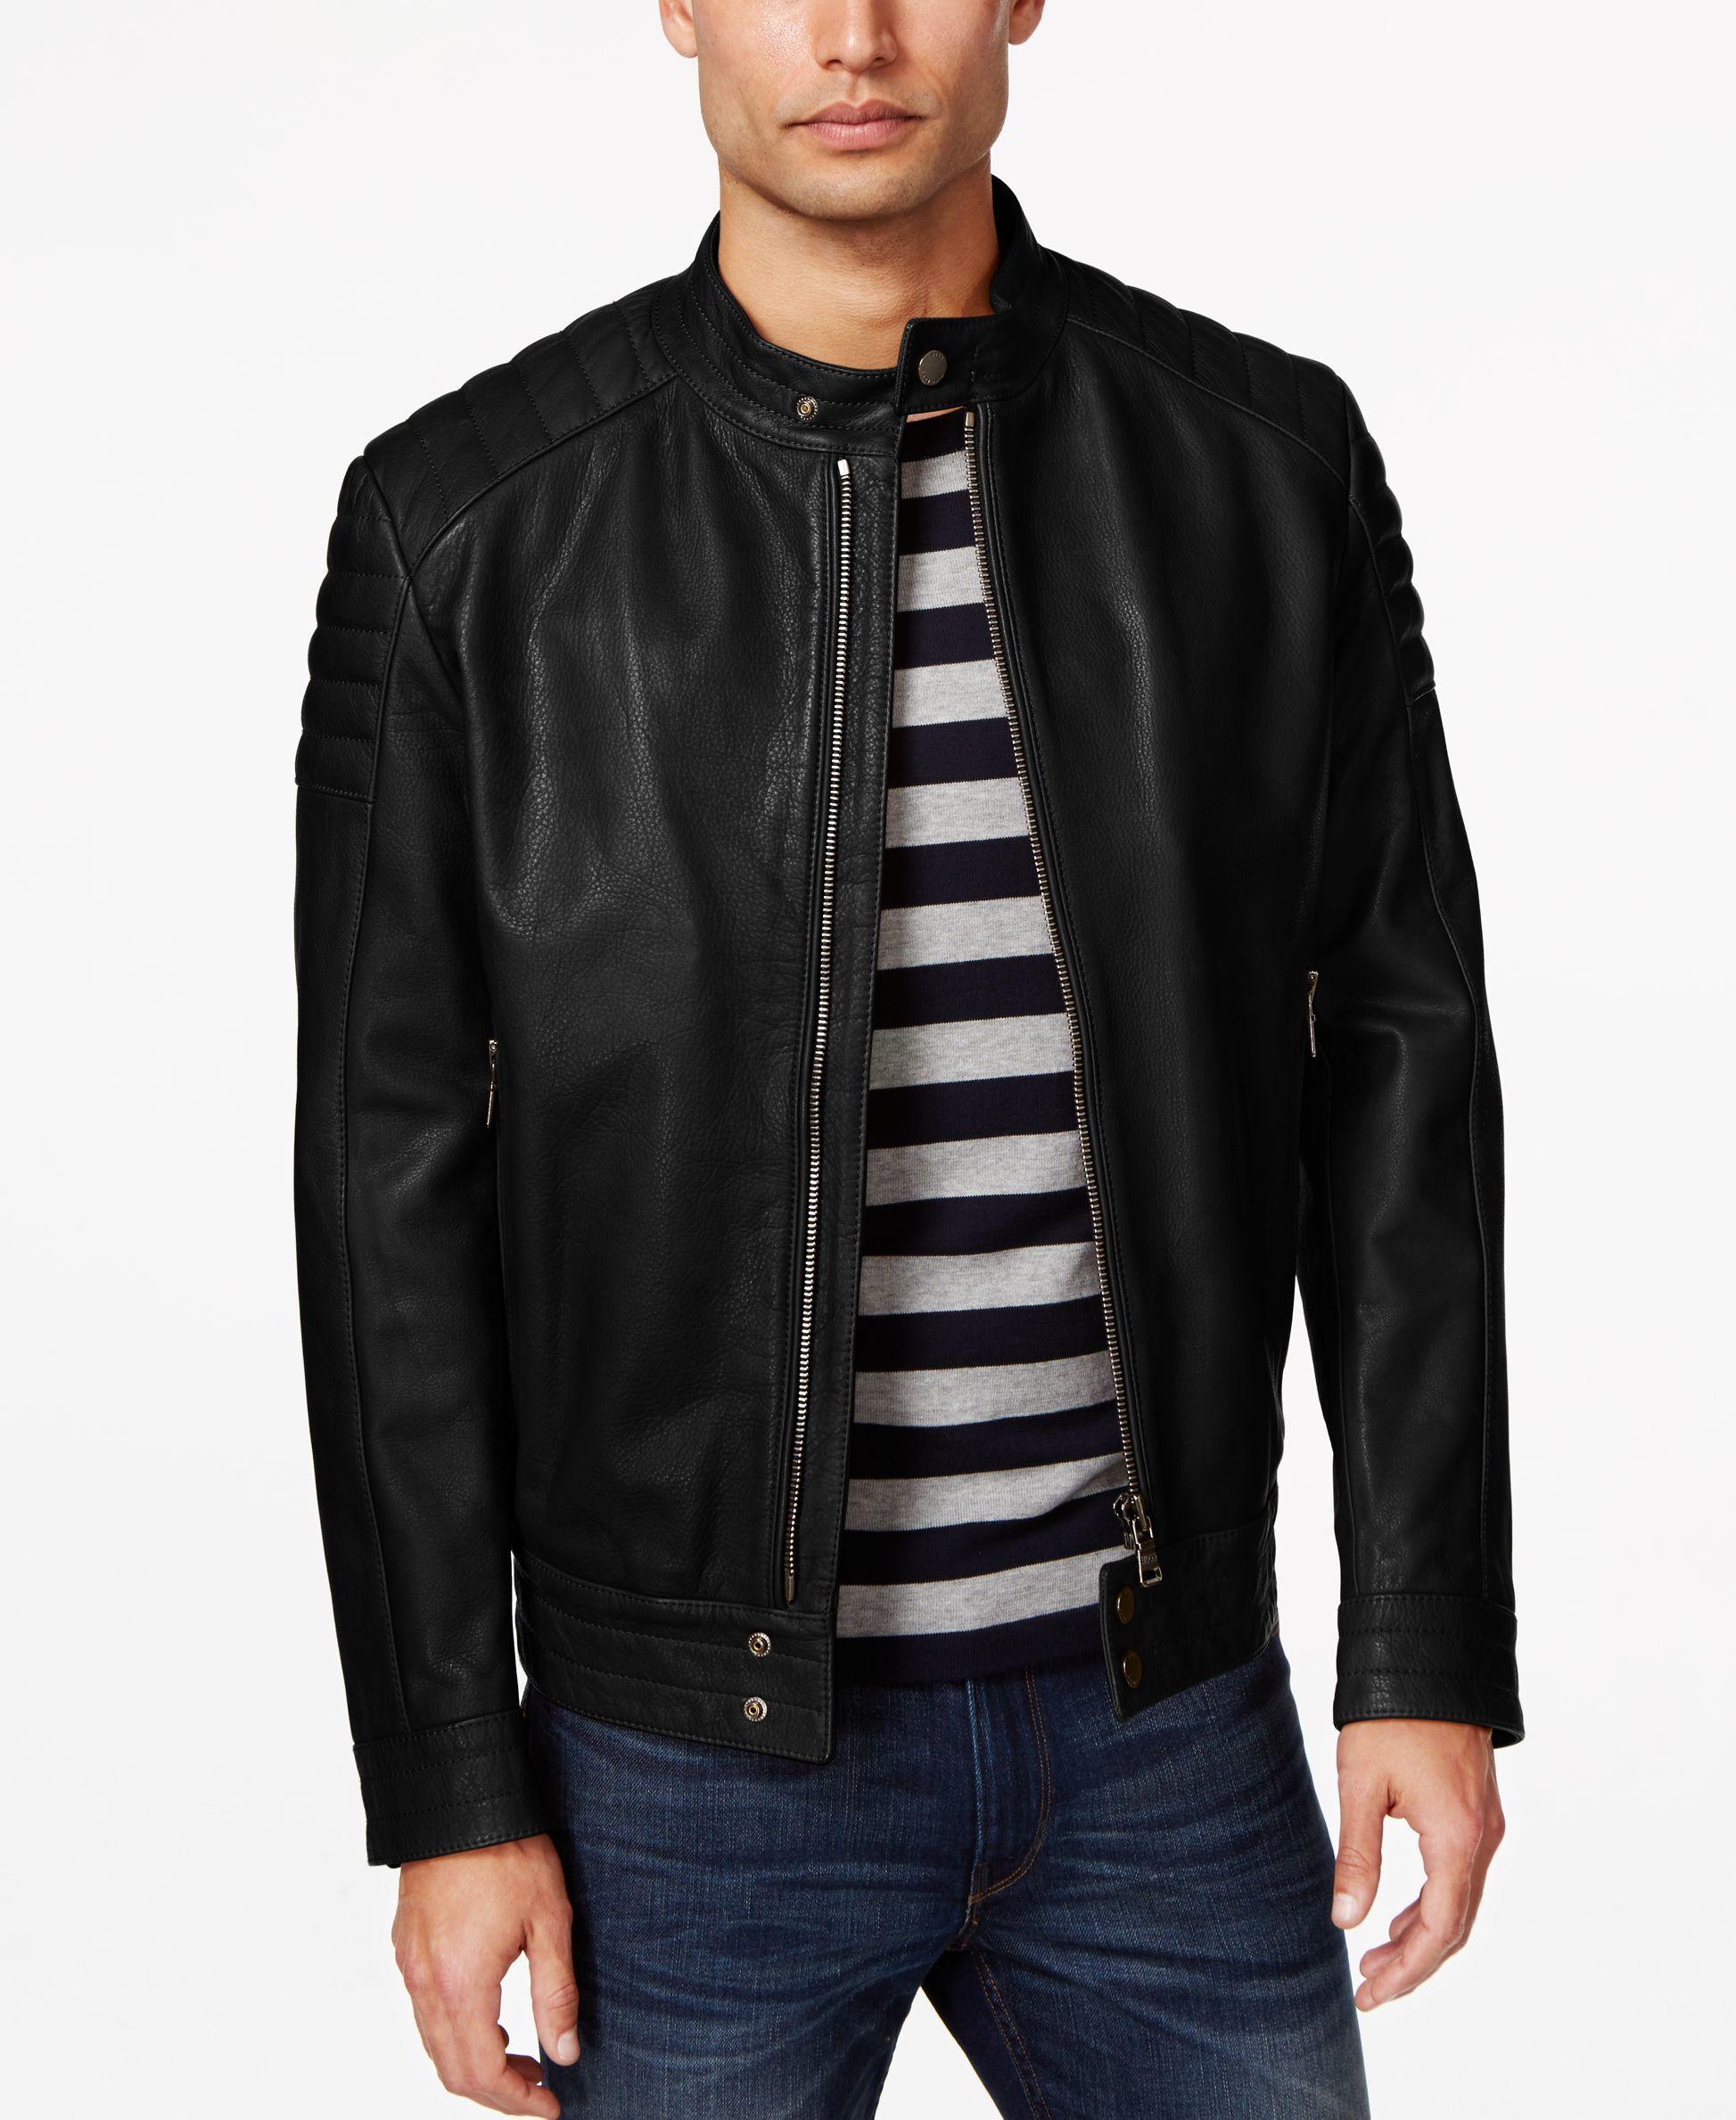 Hugo Boss Black Nupitz Leather Jacket   Leather jacket ...